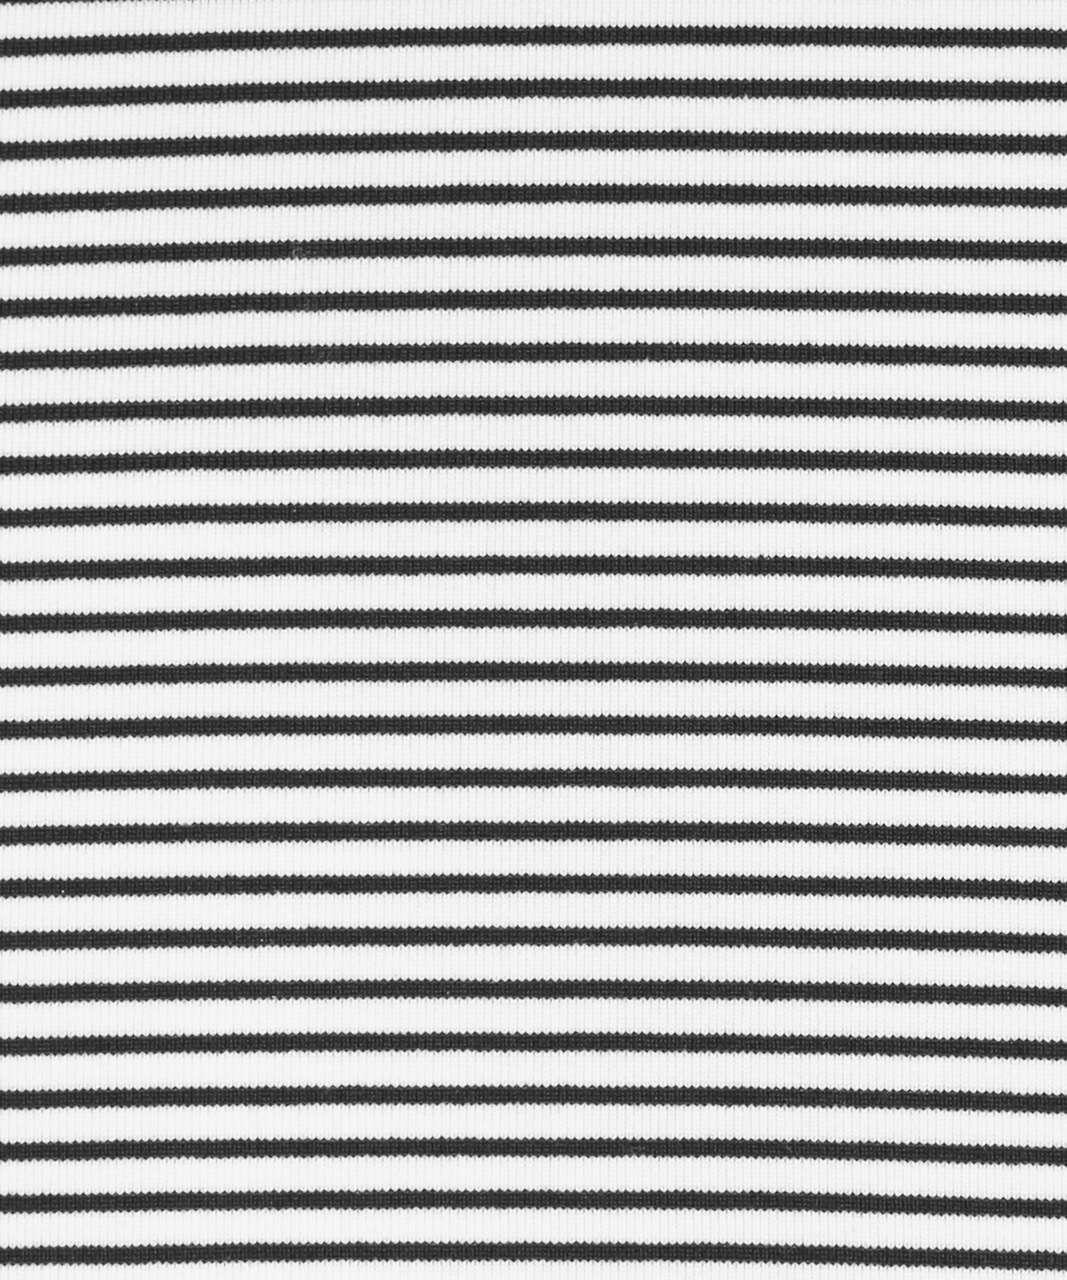 Lululemon Cool Racerback II - Hyper Stripe White Black